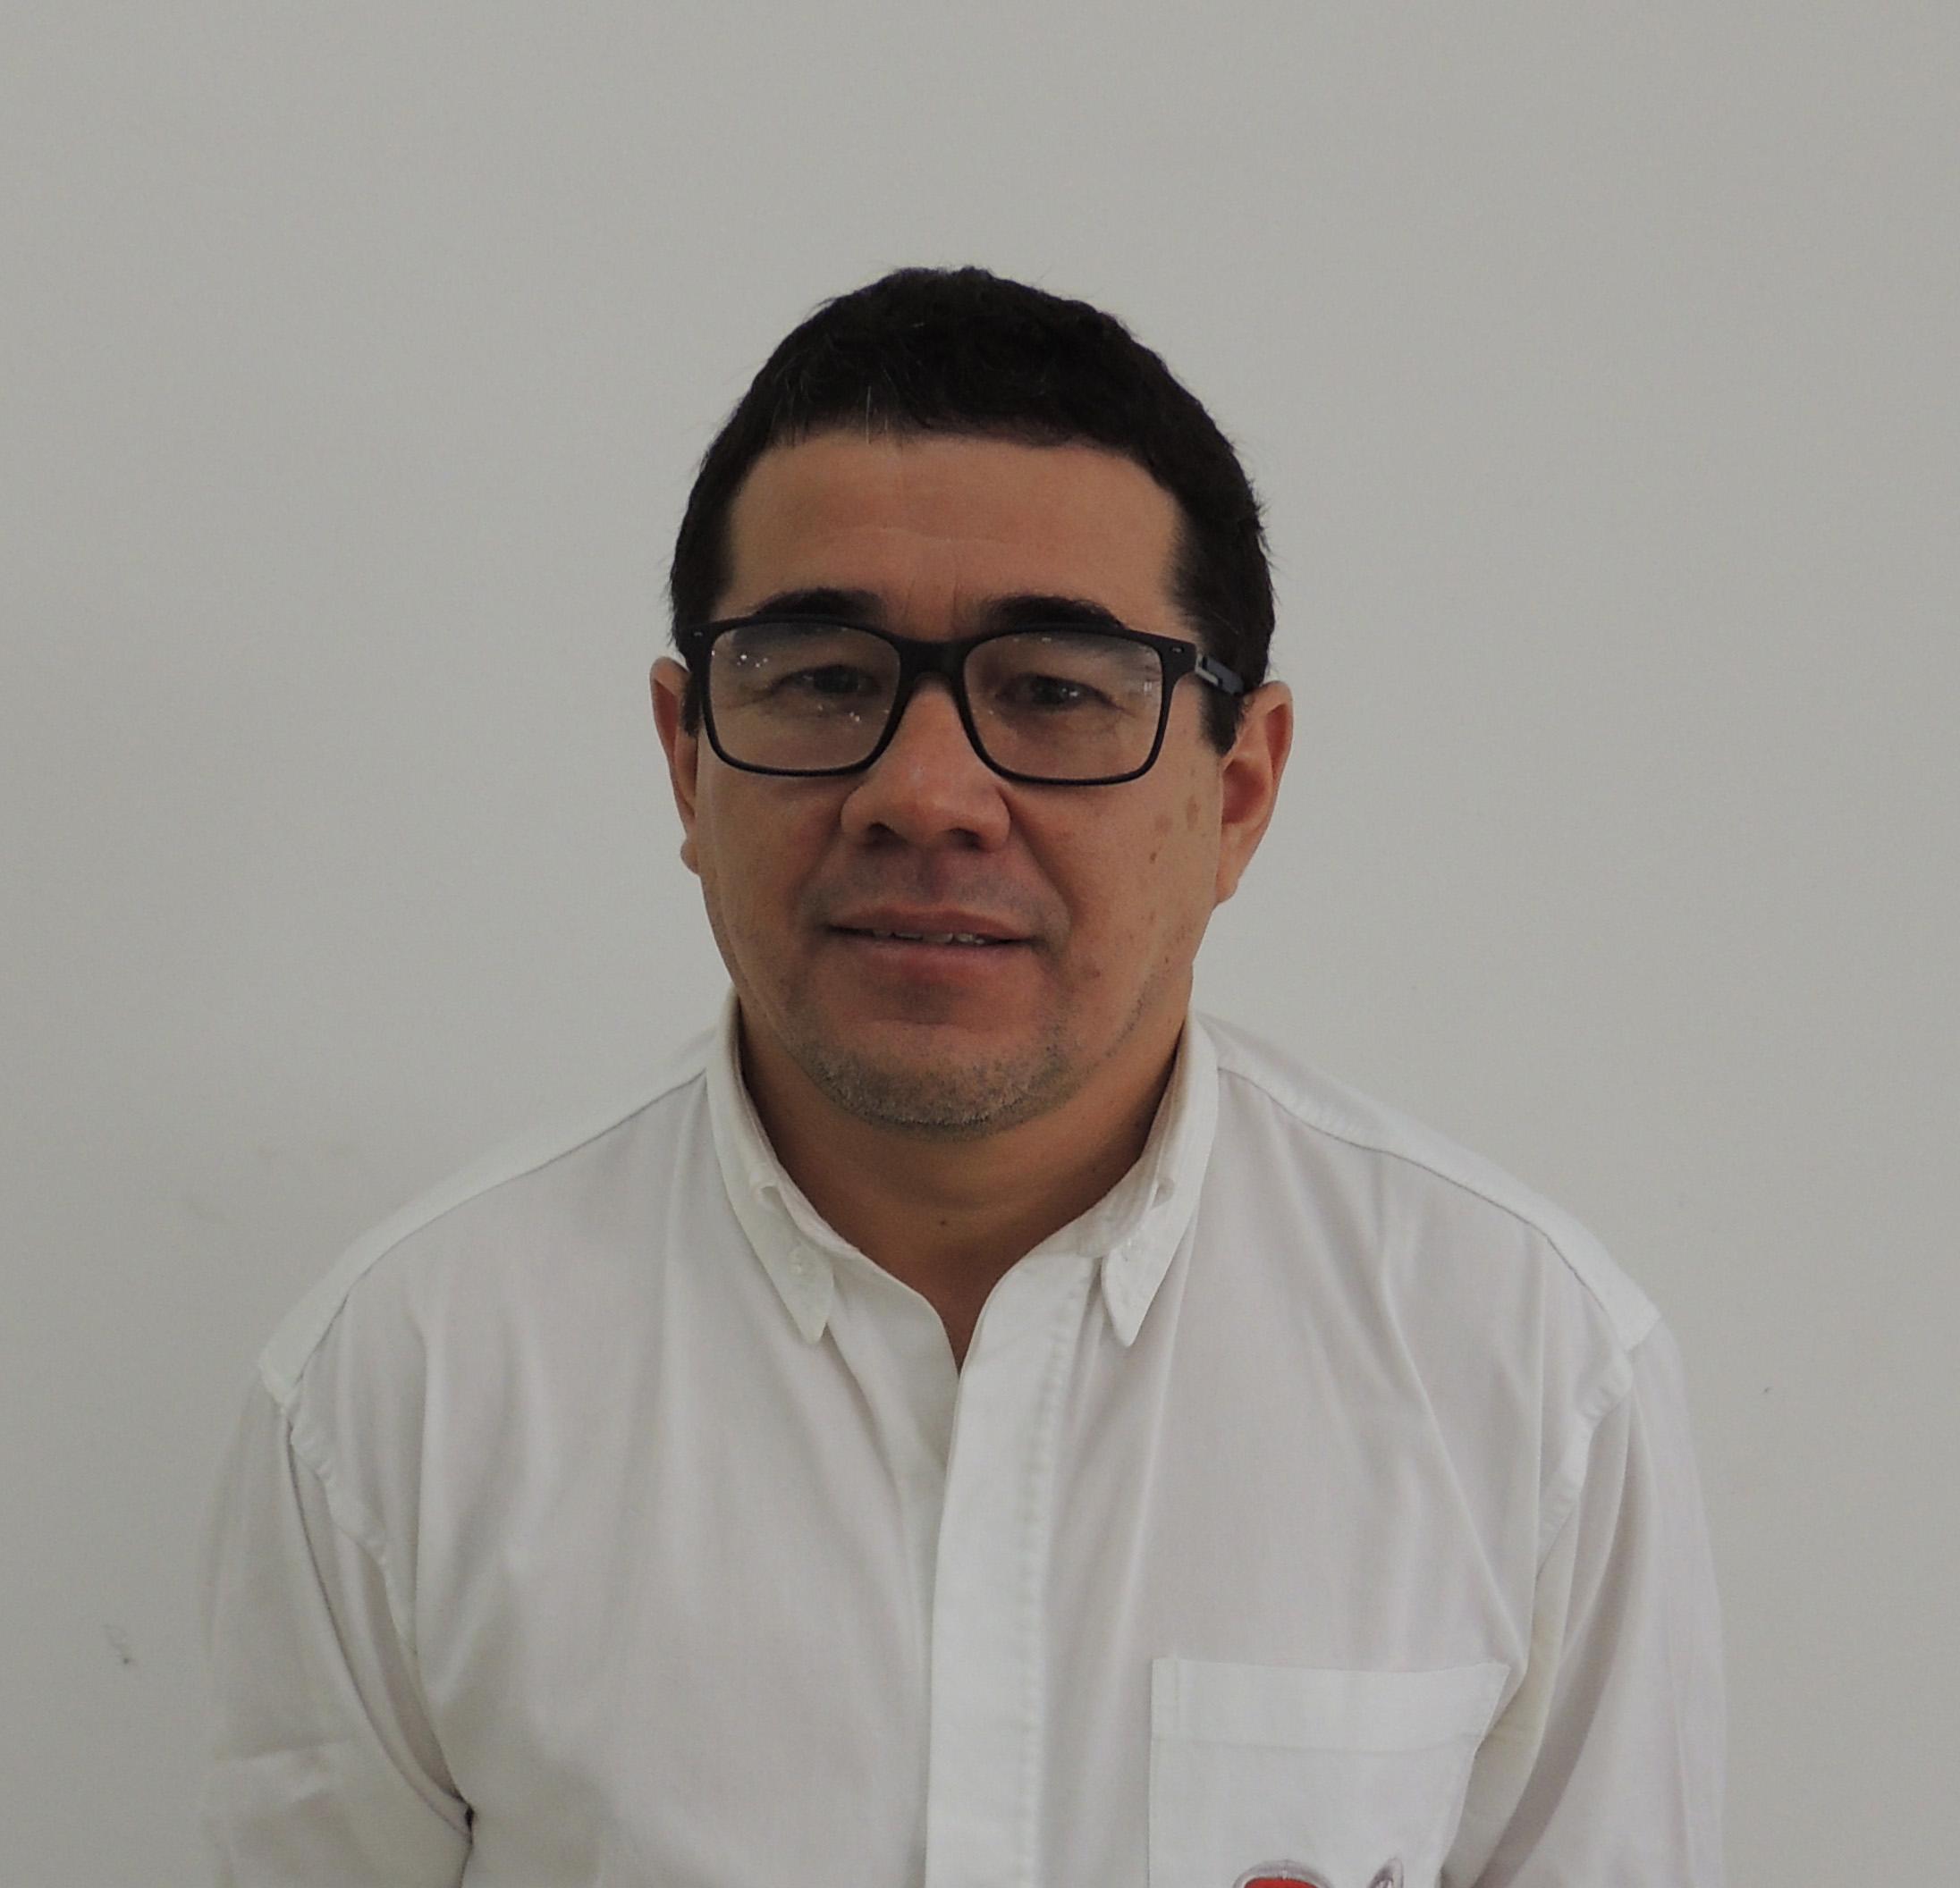 Guillermo Sosa